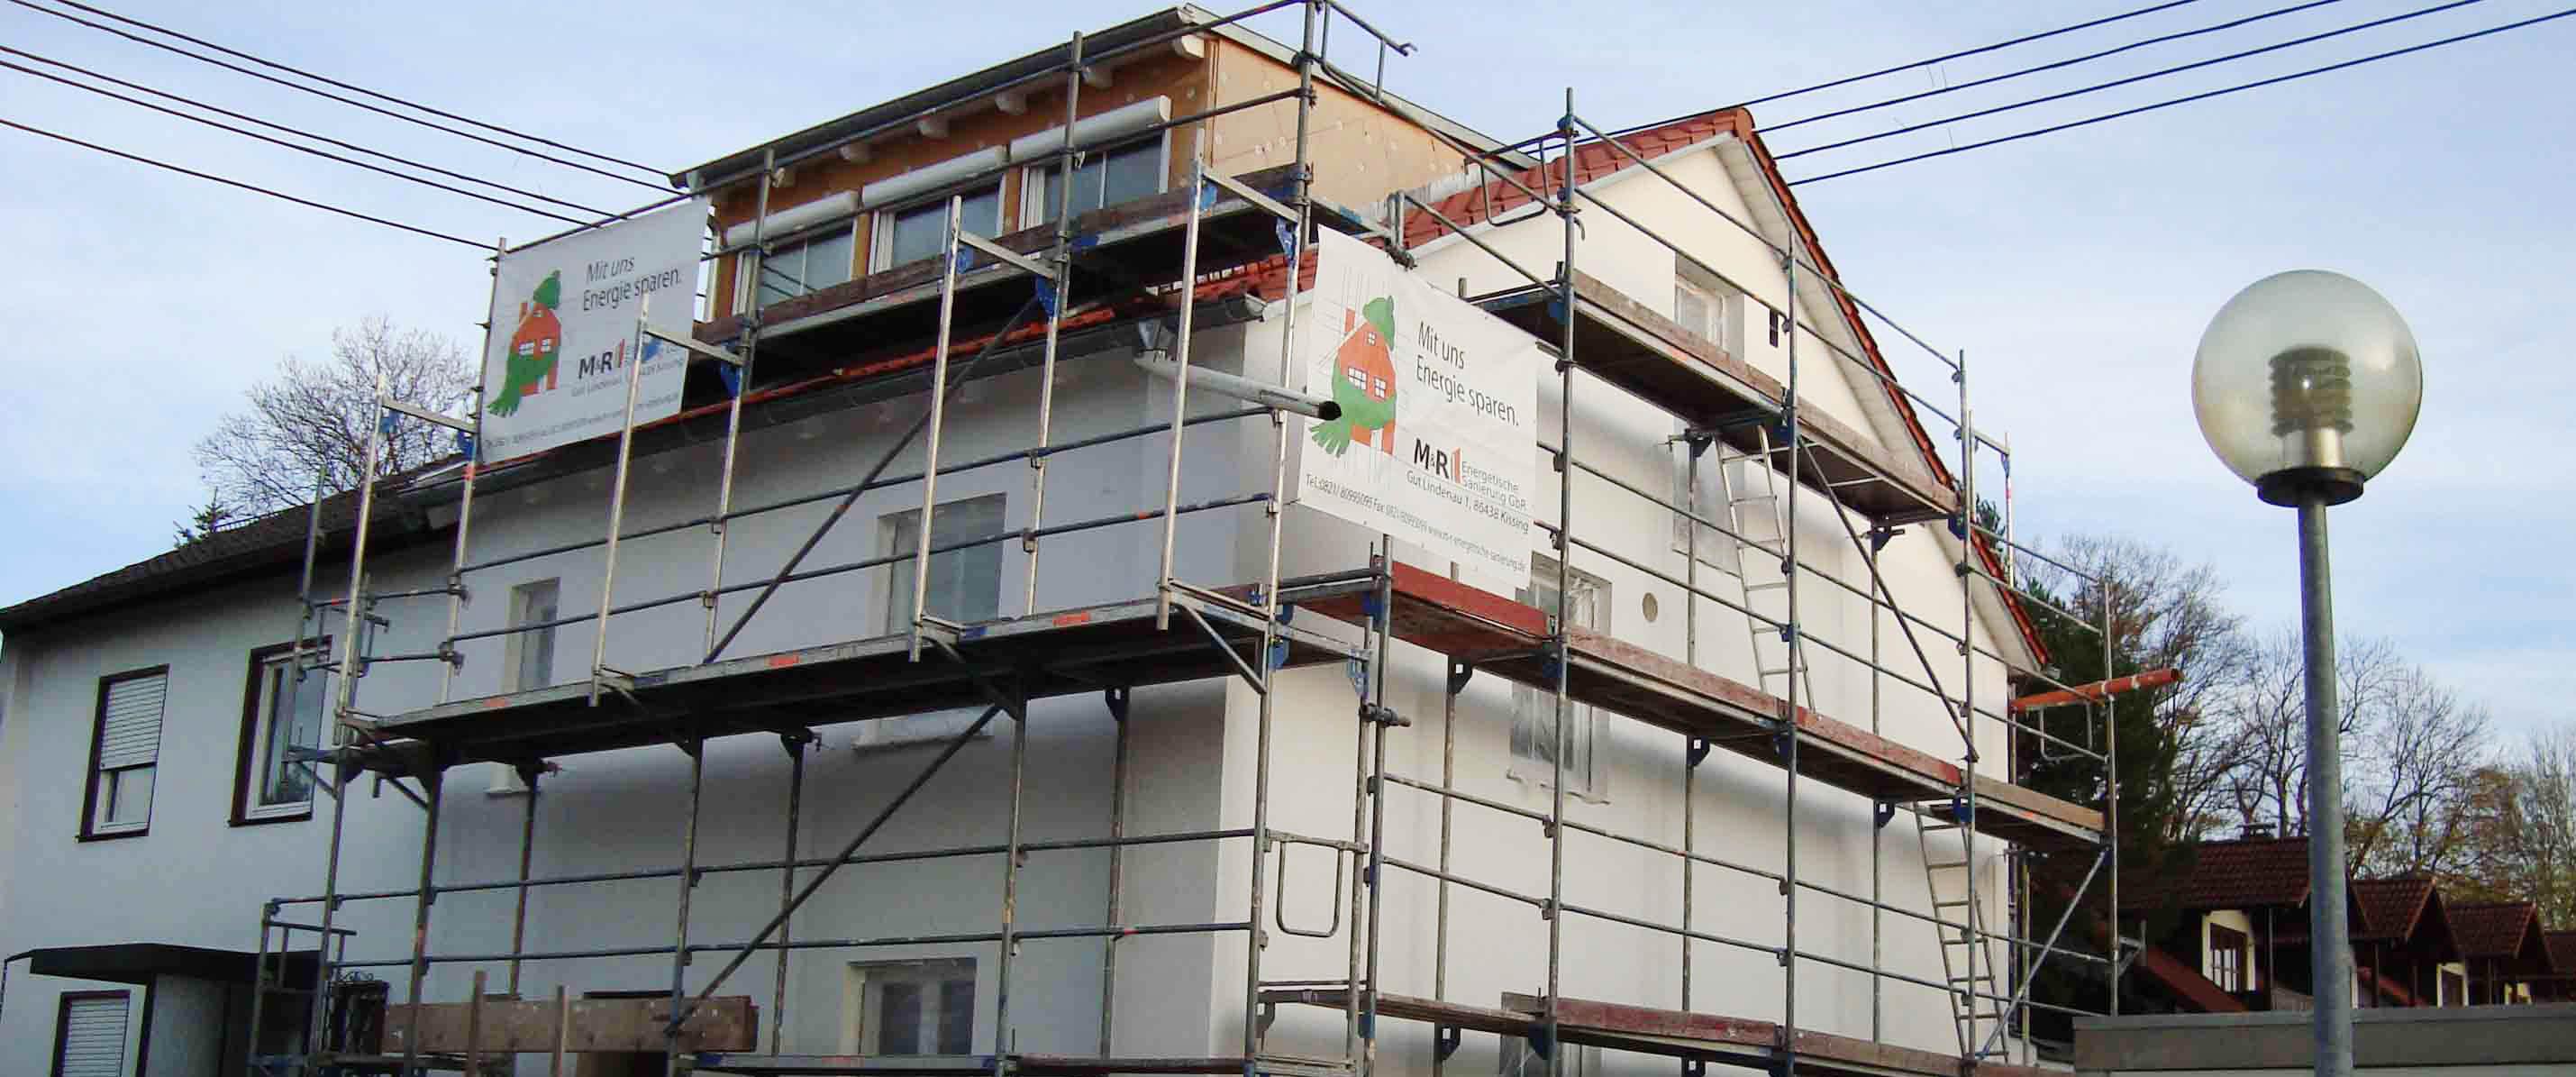 Fassadensanierung (DHH)